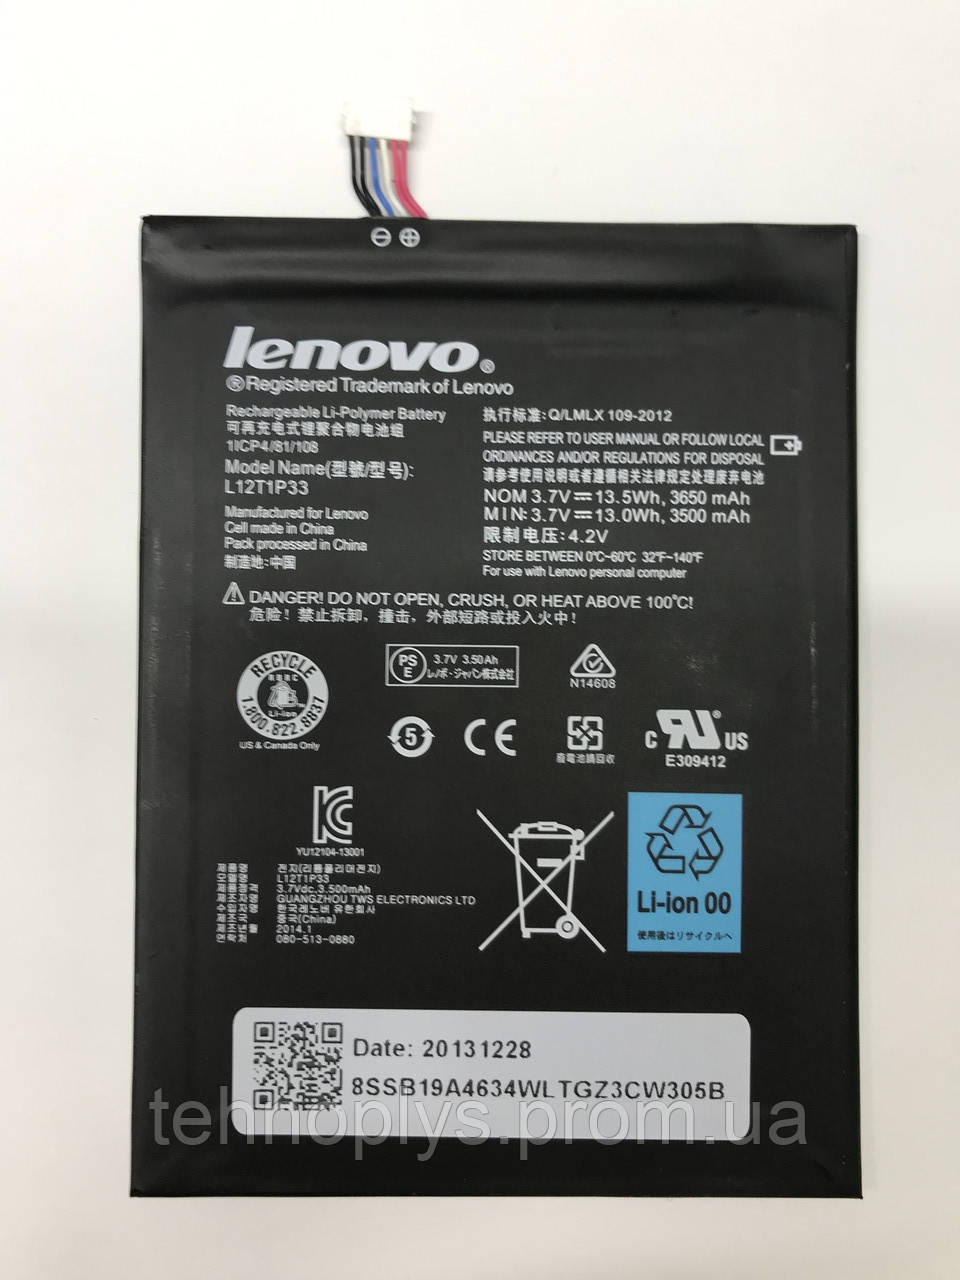 Аккумулятор АКБ L12T1P33 для Lenovo A1010, A1000, A3000, A3300, A5000 Li-Polimer 3650mAh